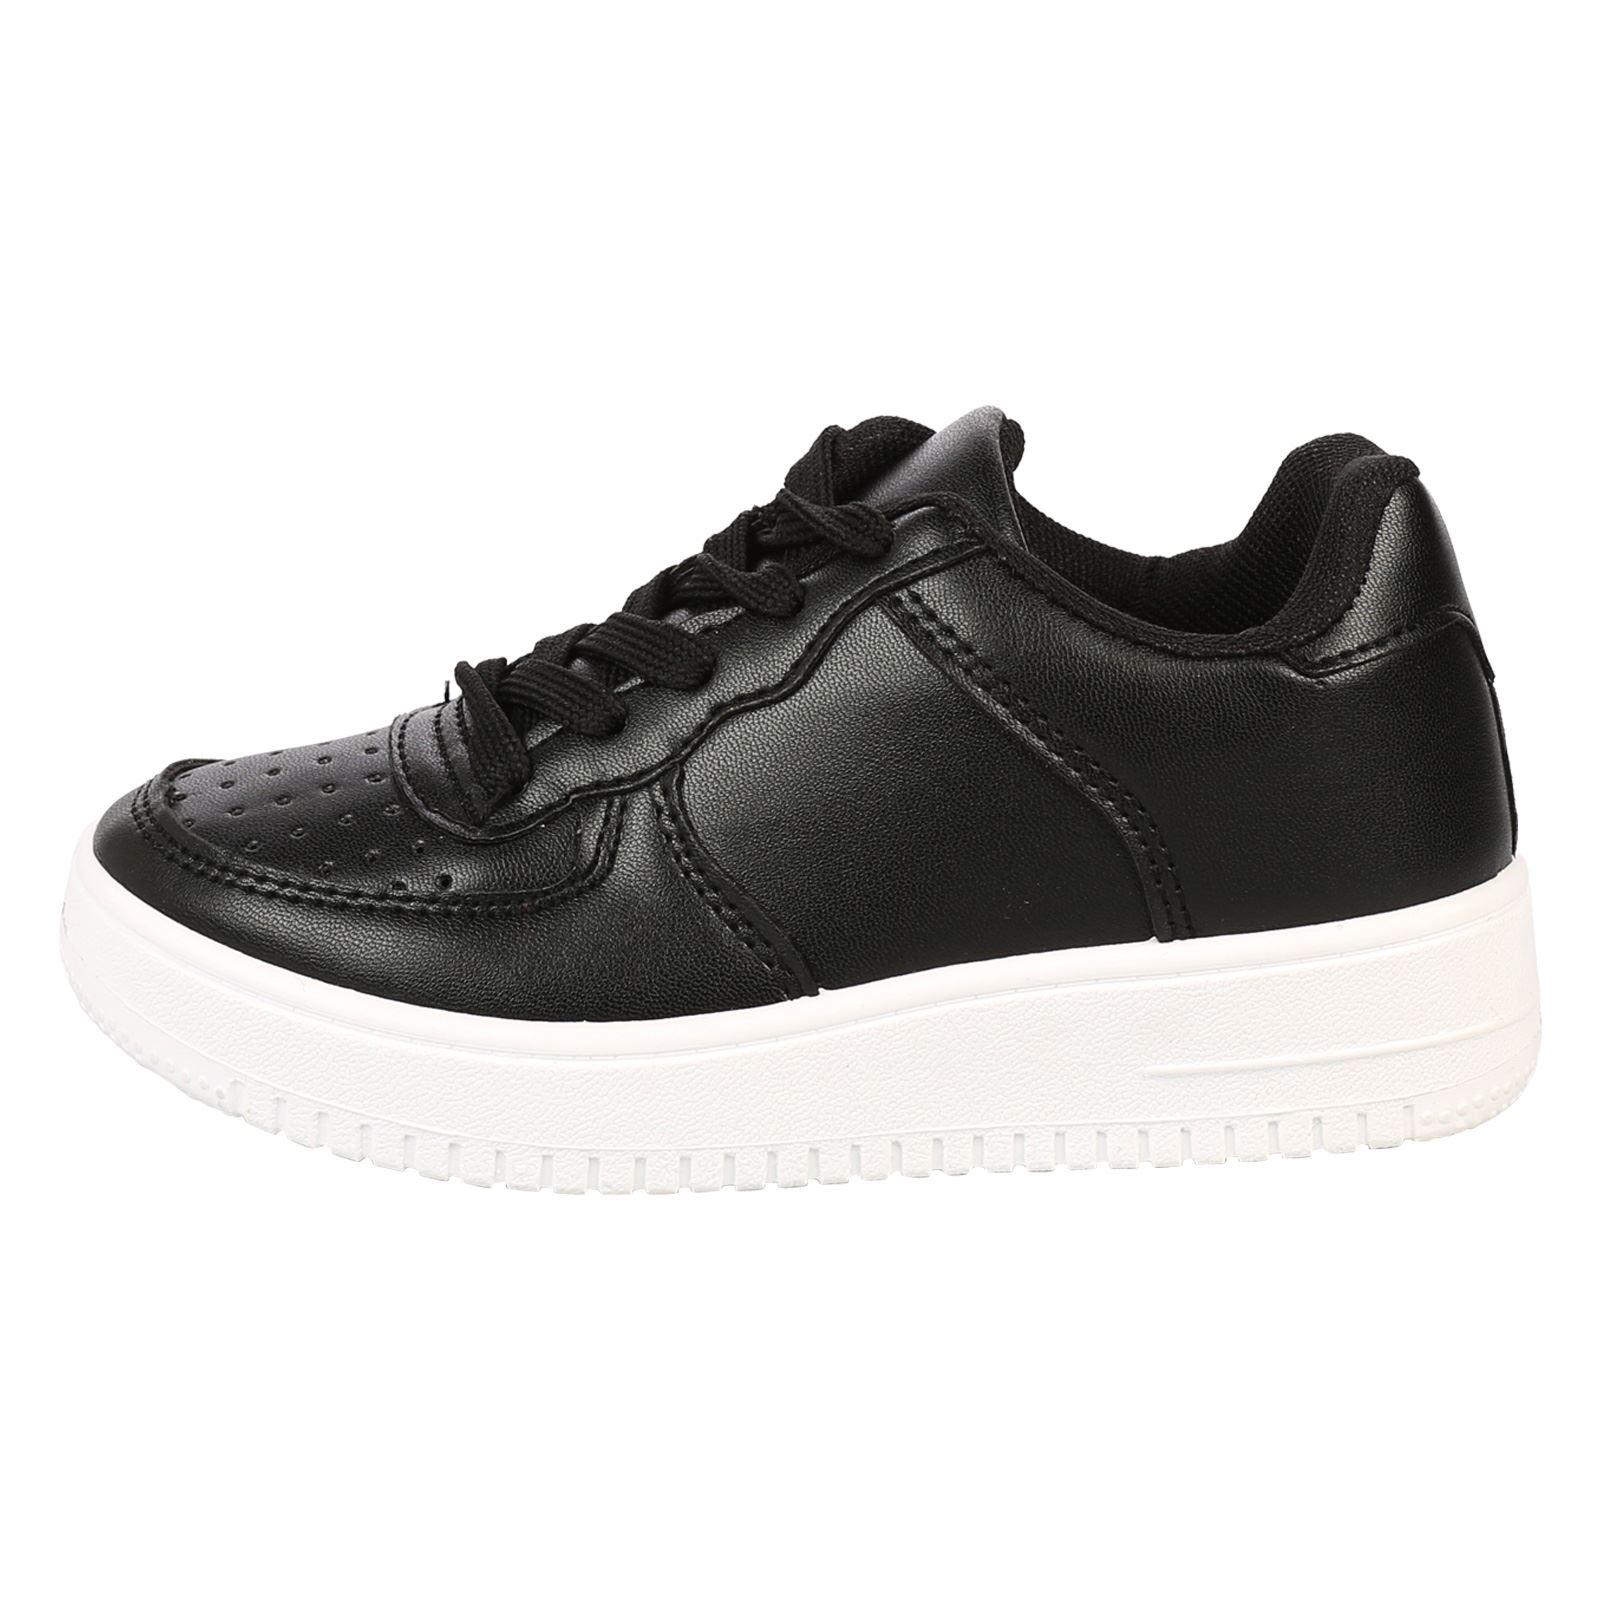 Zapatos de chicas Niños Childrens con Cordones Entrenadores bombas Deportes Escuela Niños Tamaño Nuevo